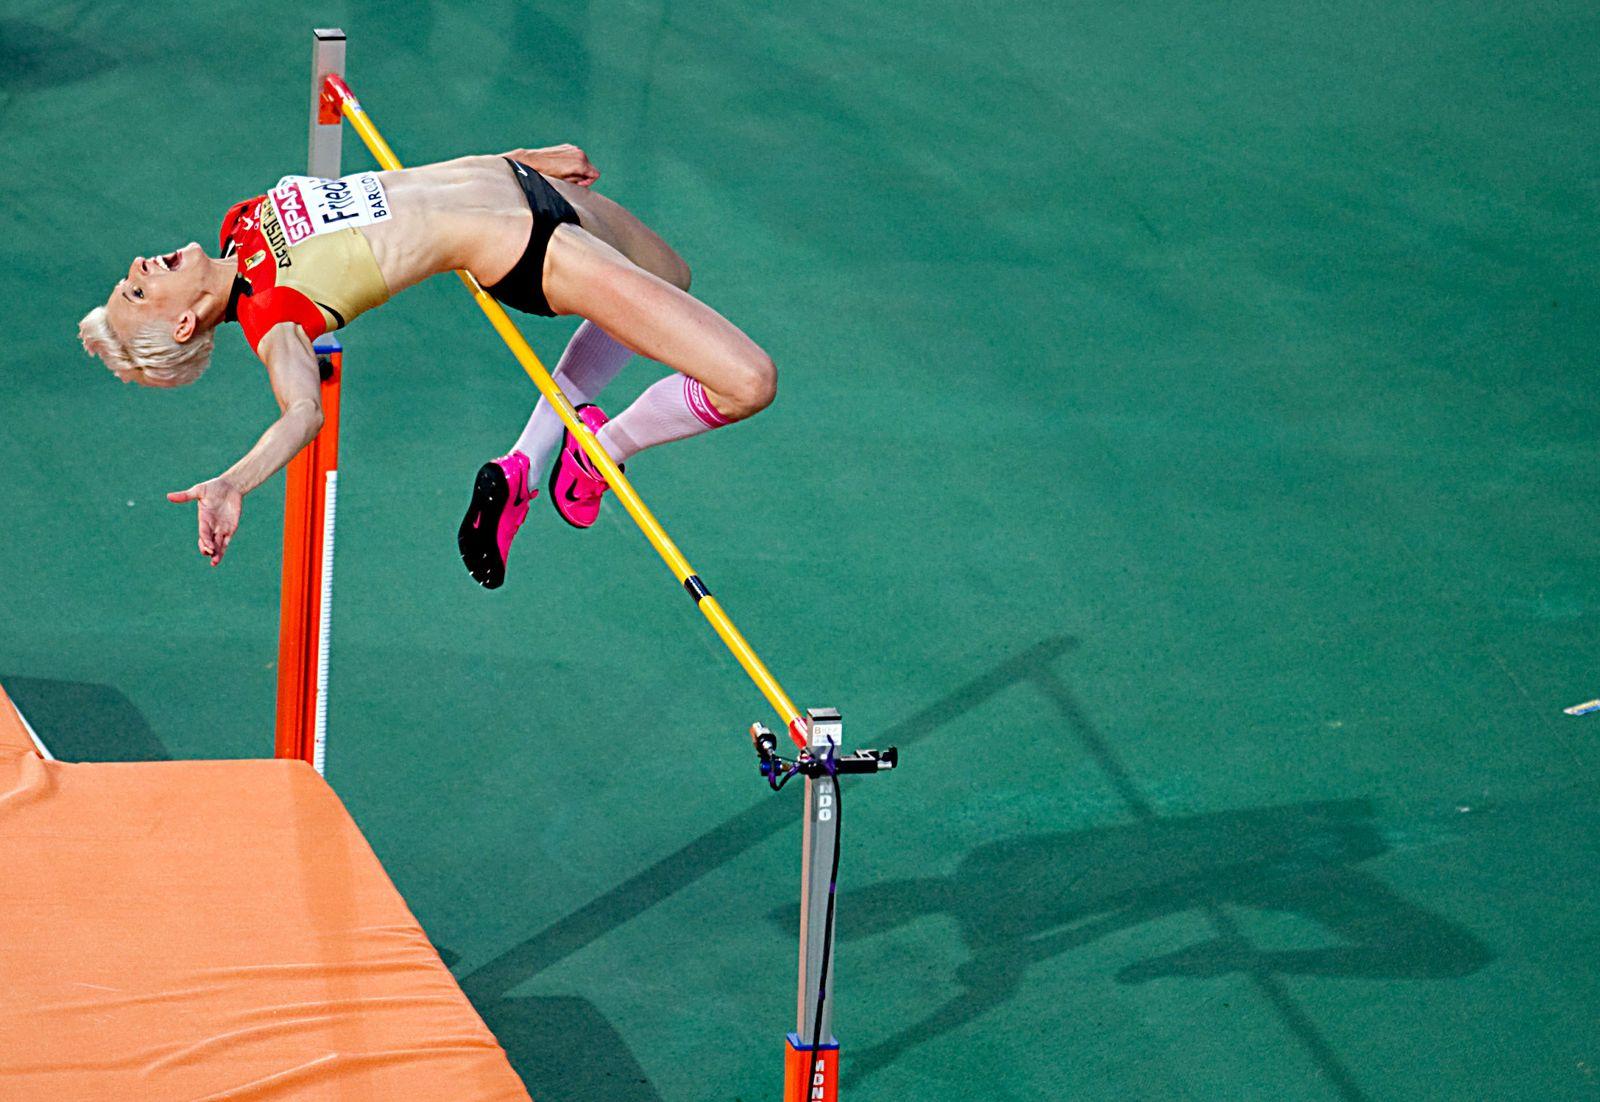 Leichtathletik EM - Hochsprung - Frauen